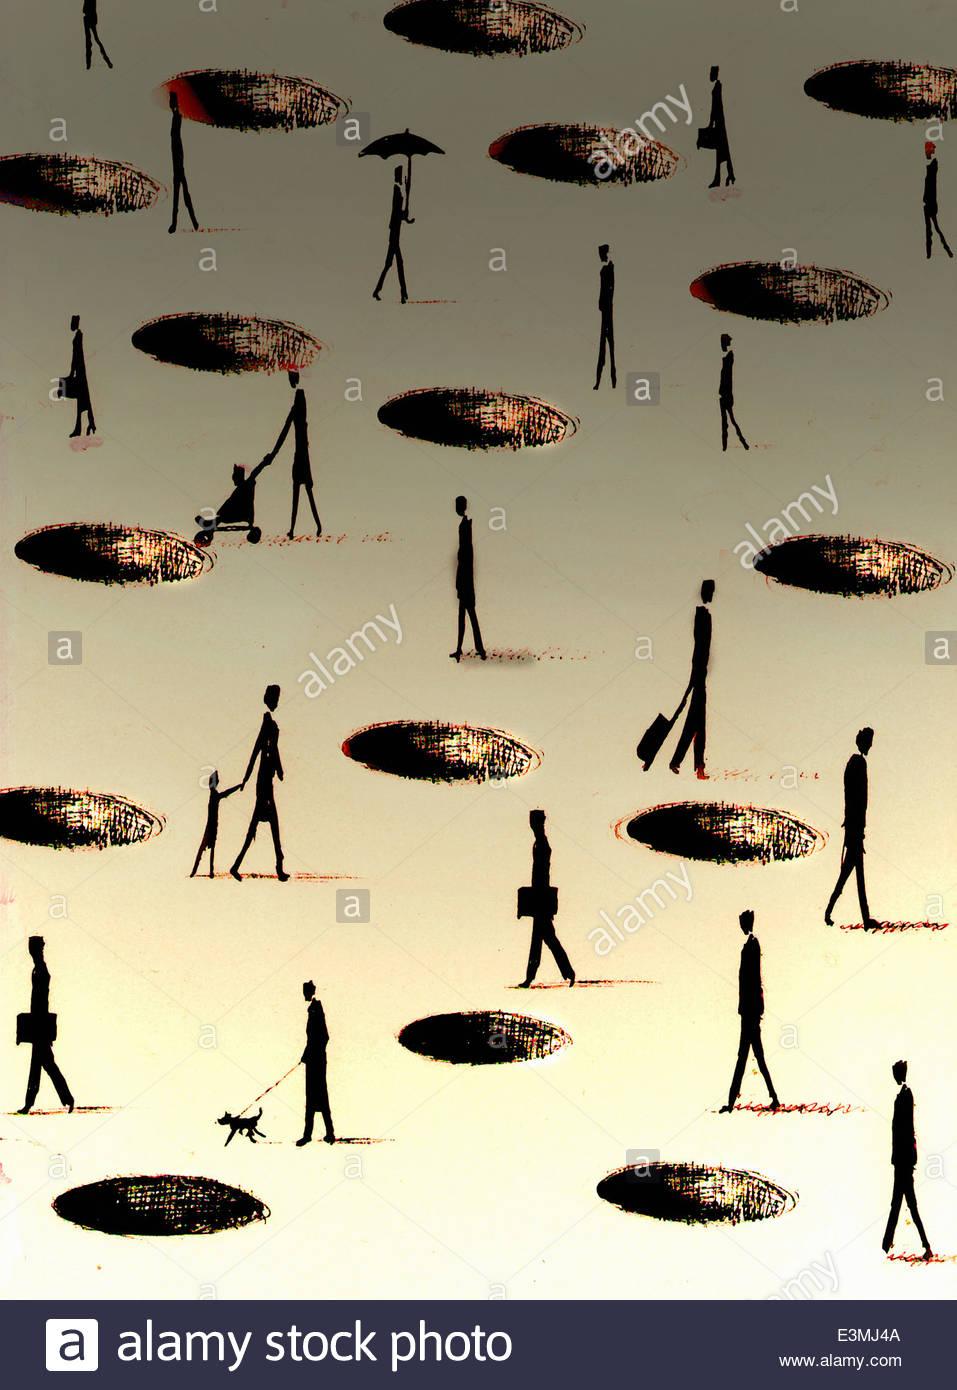 Menschen, die zu Fuß durch Löcher im Boden Stockbild